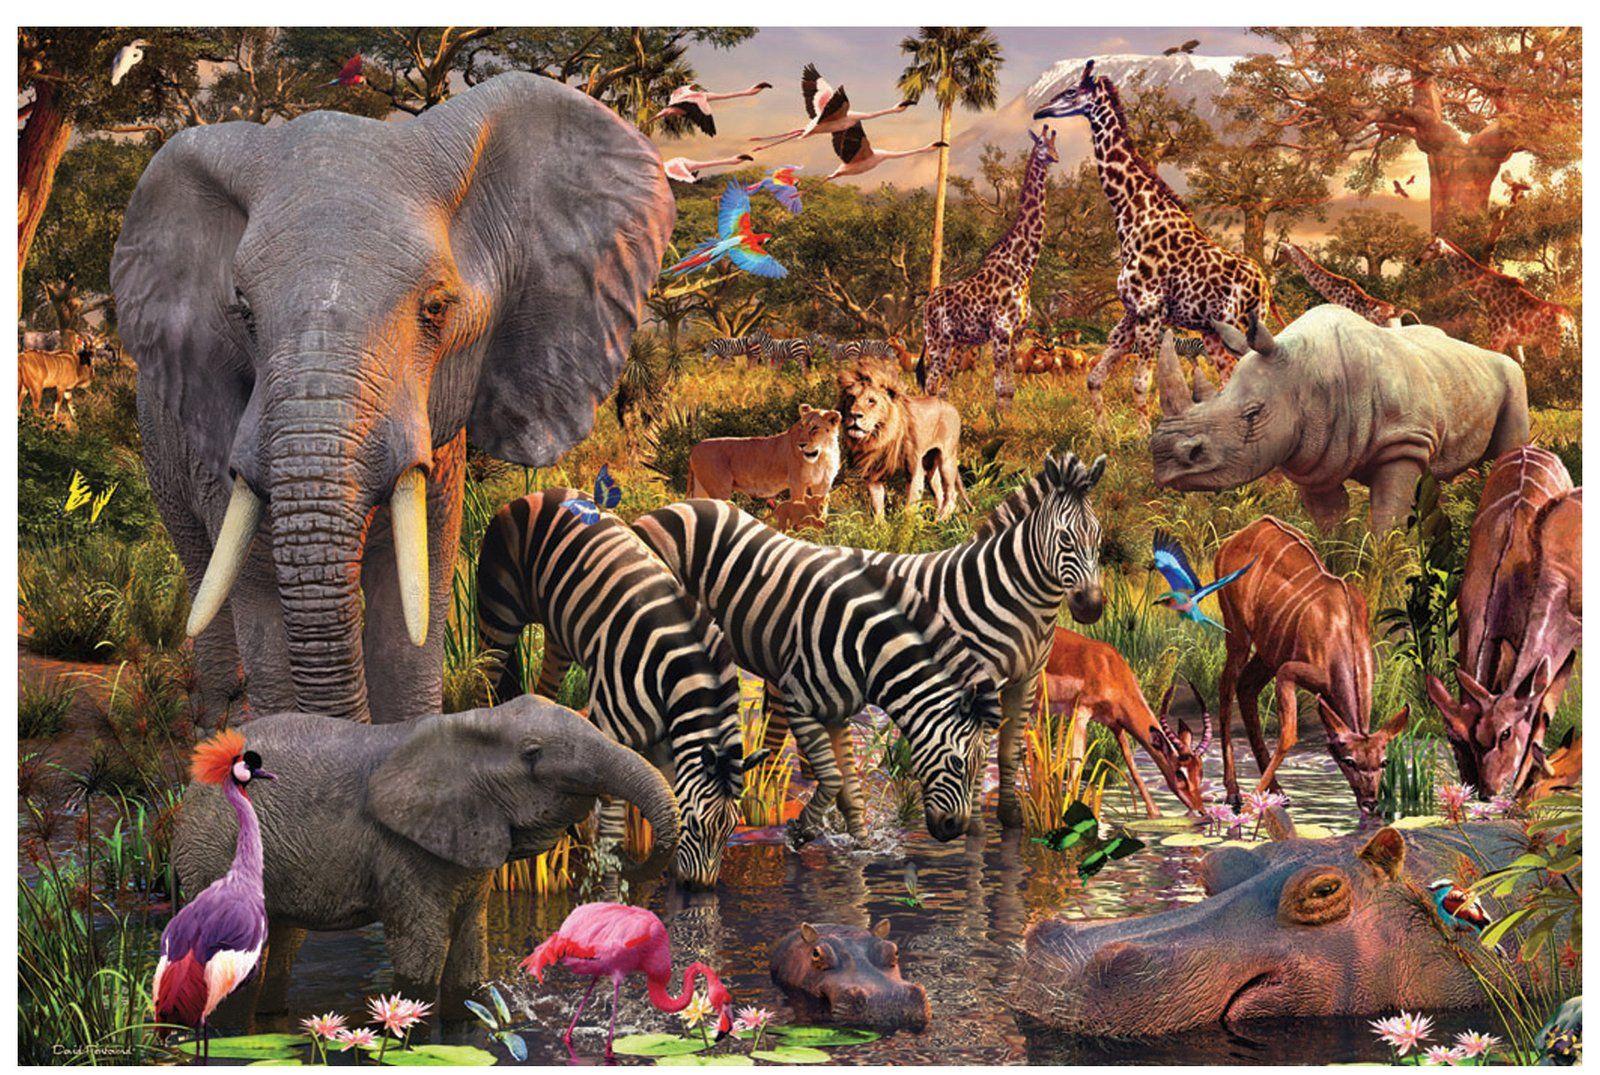 ما اسم حيوان بحرف الياء موسوعة African Animals Animal Posters Animals Wild